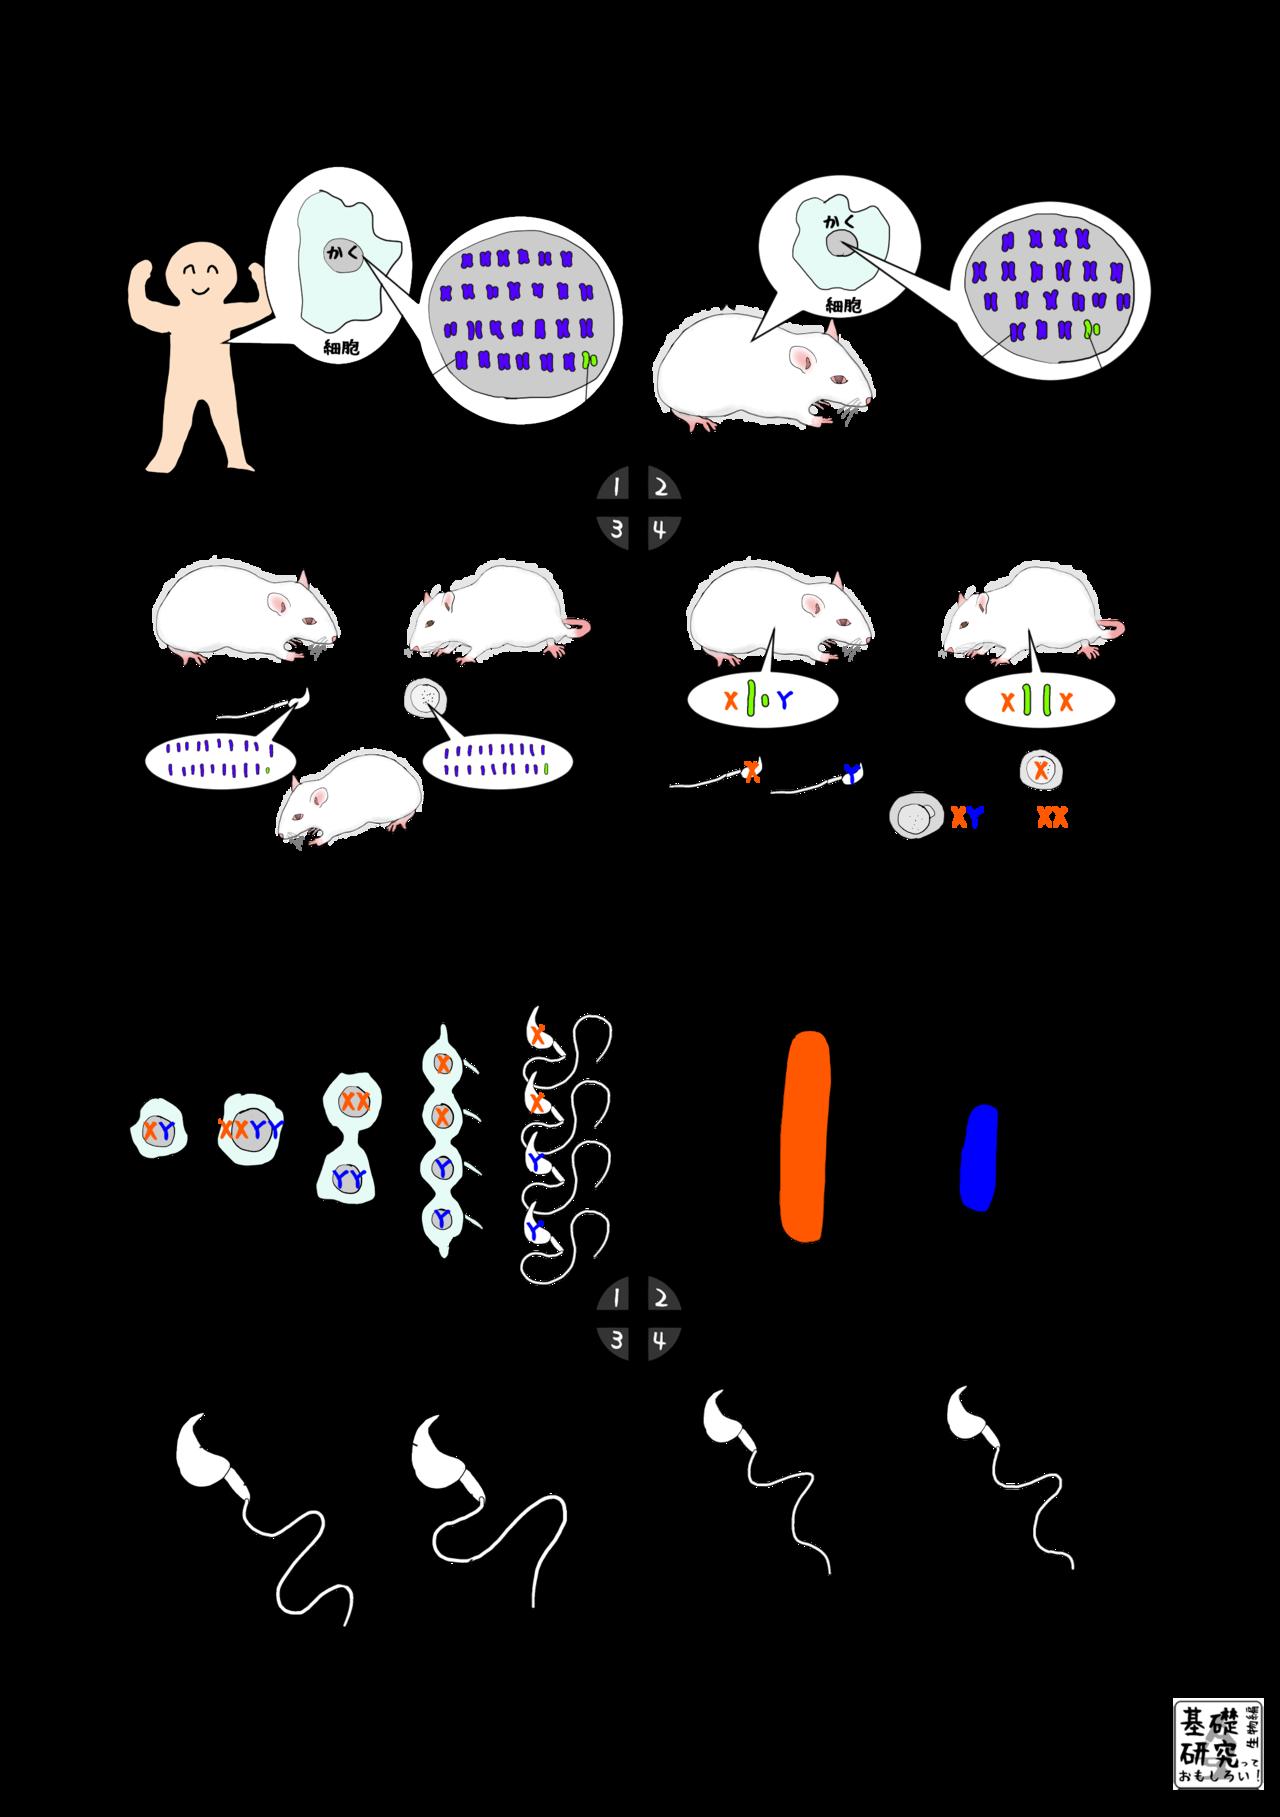 マウスの精子の運動性 ~違いを生み出すX染色体~ 1|かわいせーざん ...